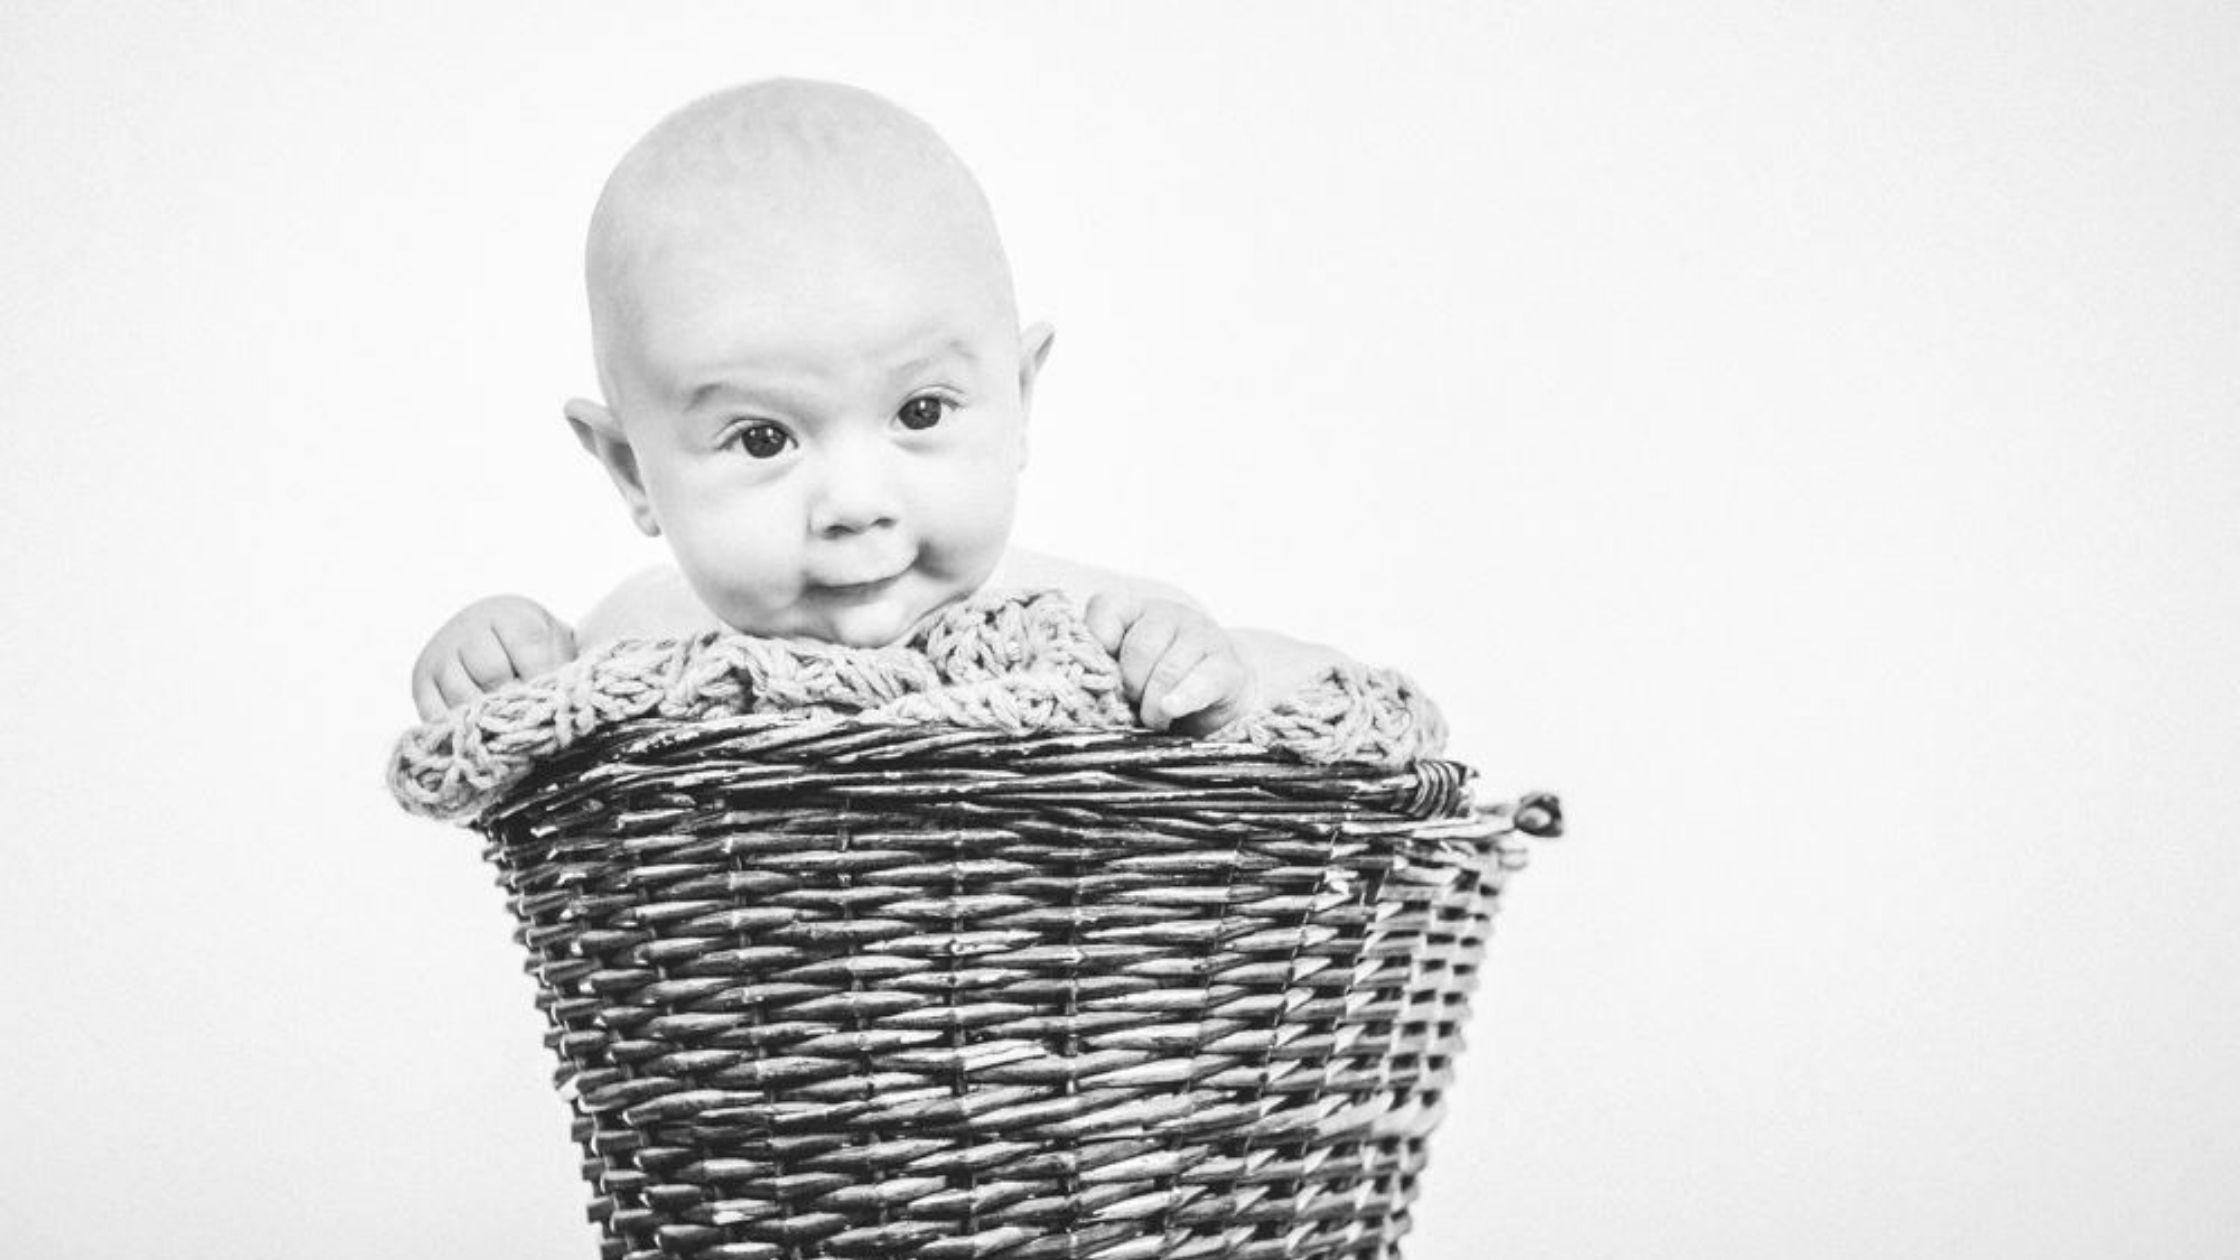 Une Baby Shower, c'est quoi? - Crédit photo Med Bleu citron prod www.bleucitronprod.fr